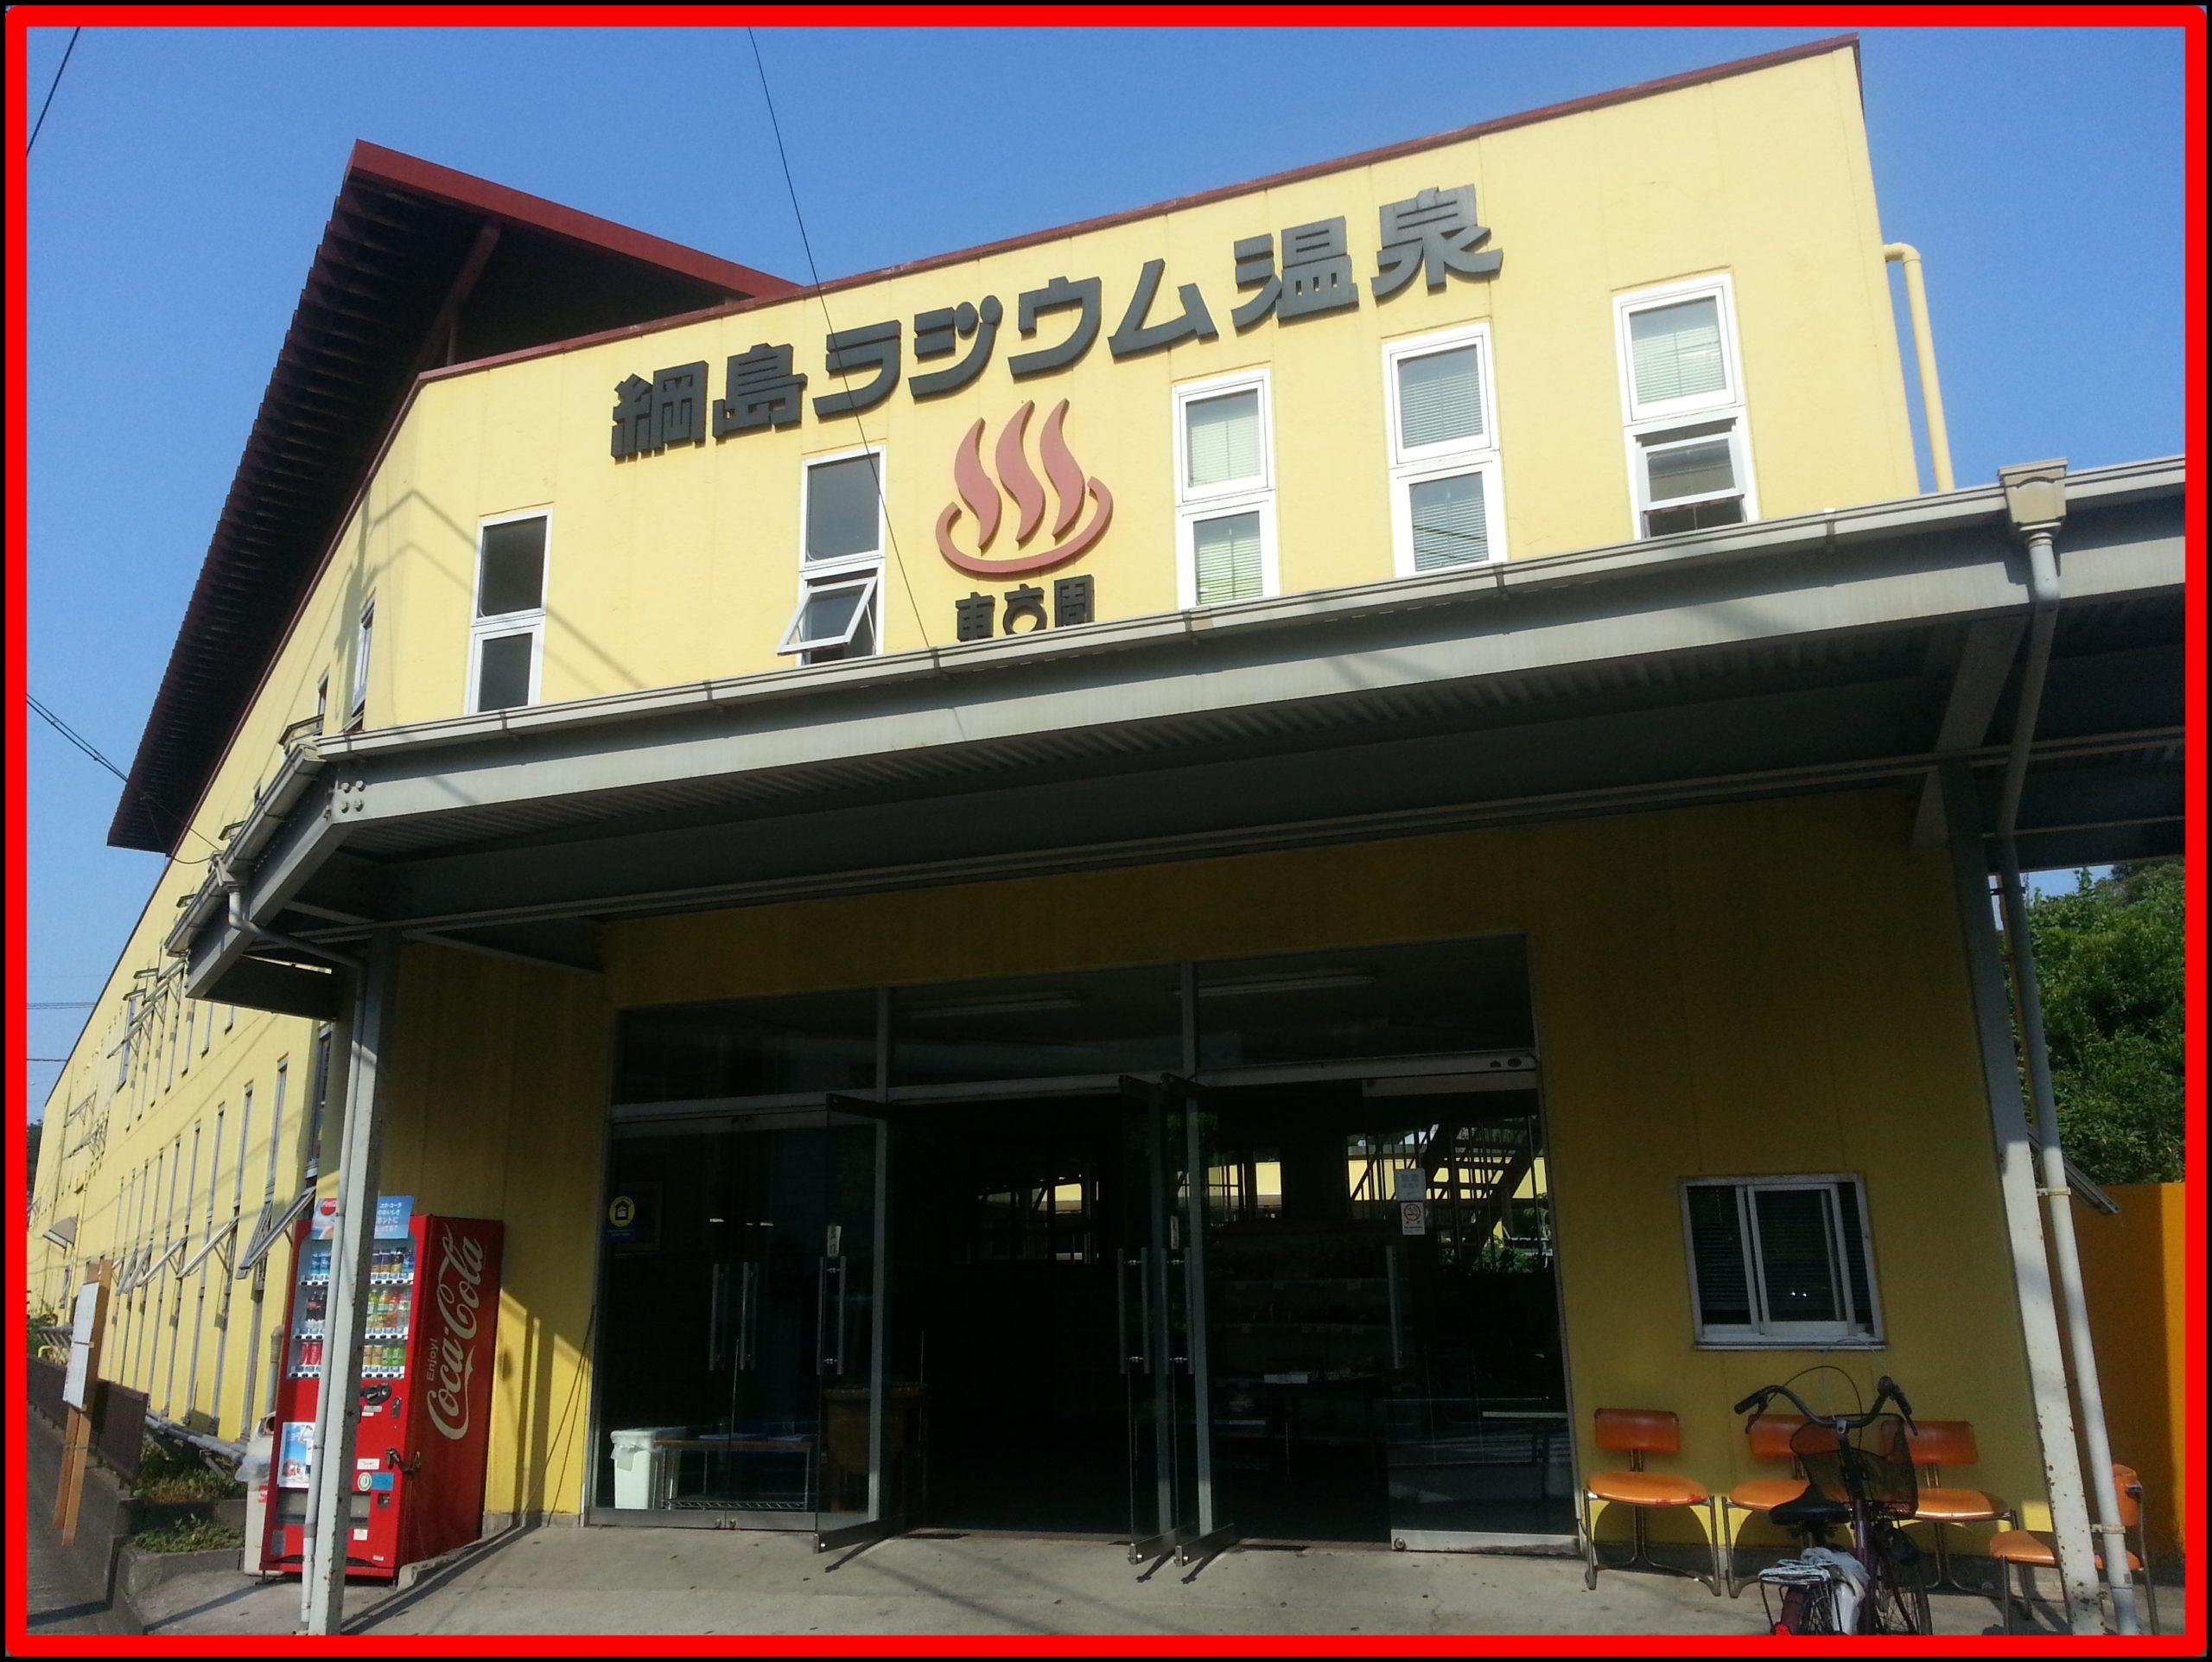 【そのまんま新綱島】東急新横浜線の新駅が決定 2位は温泉?